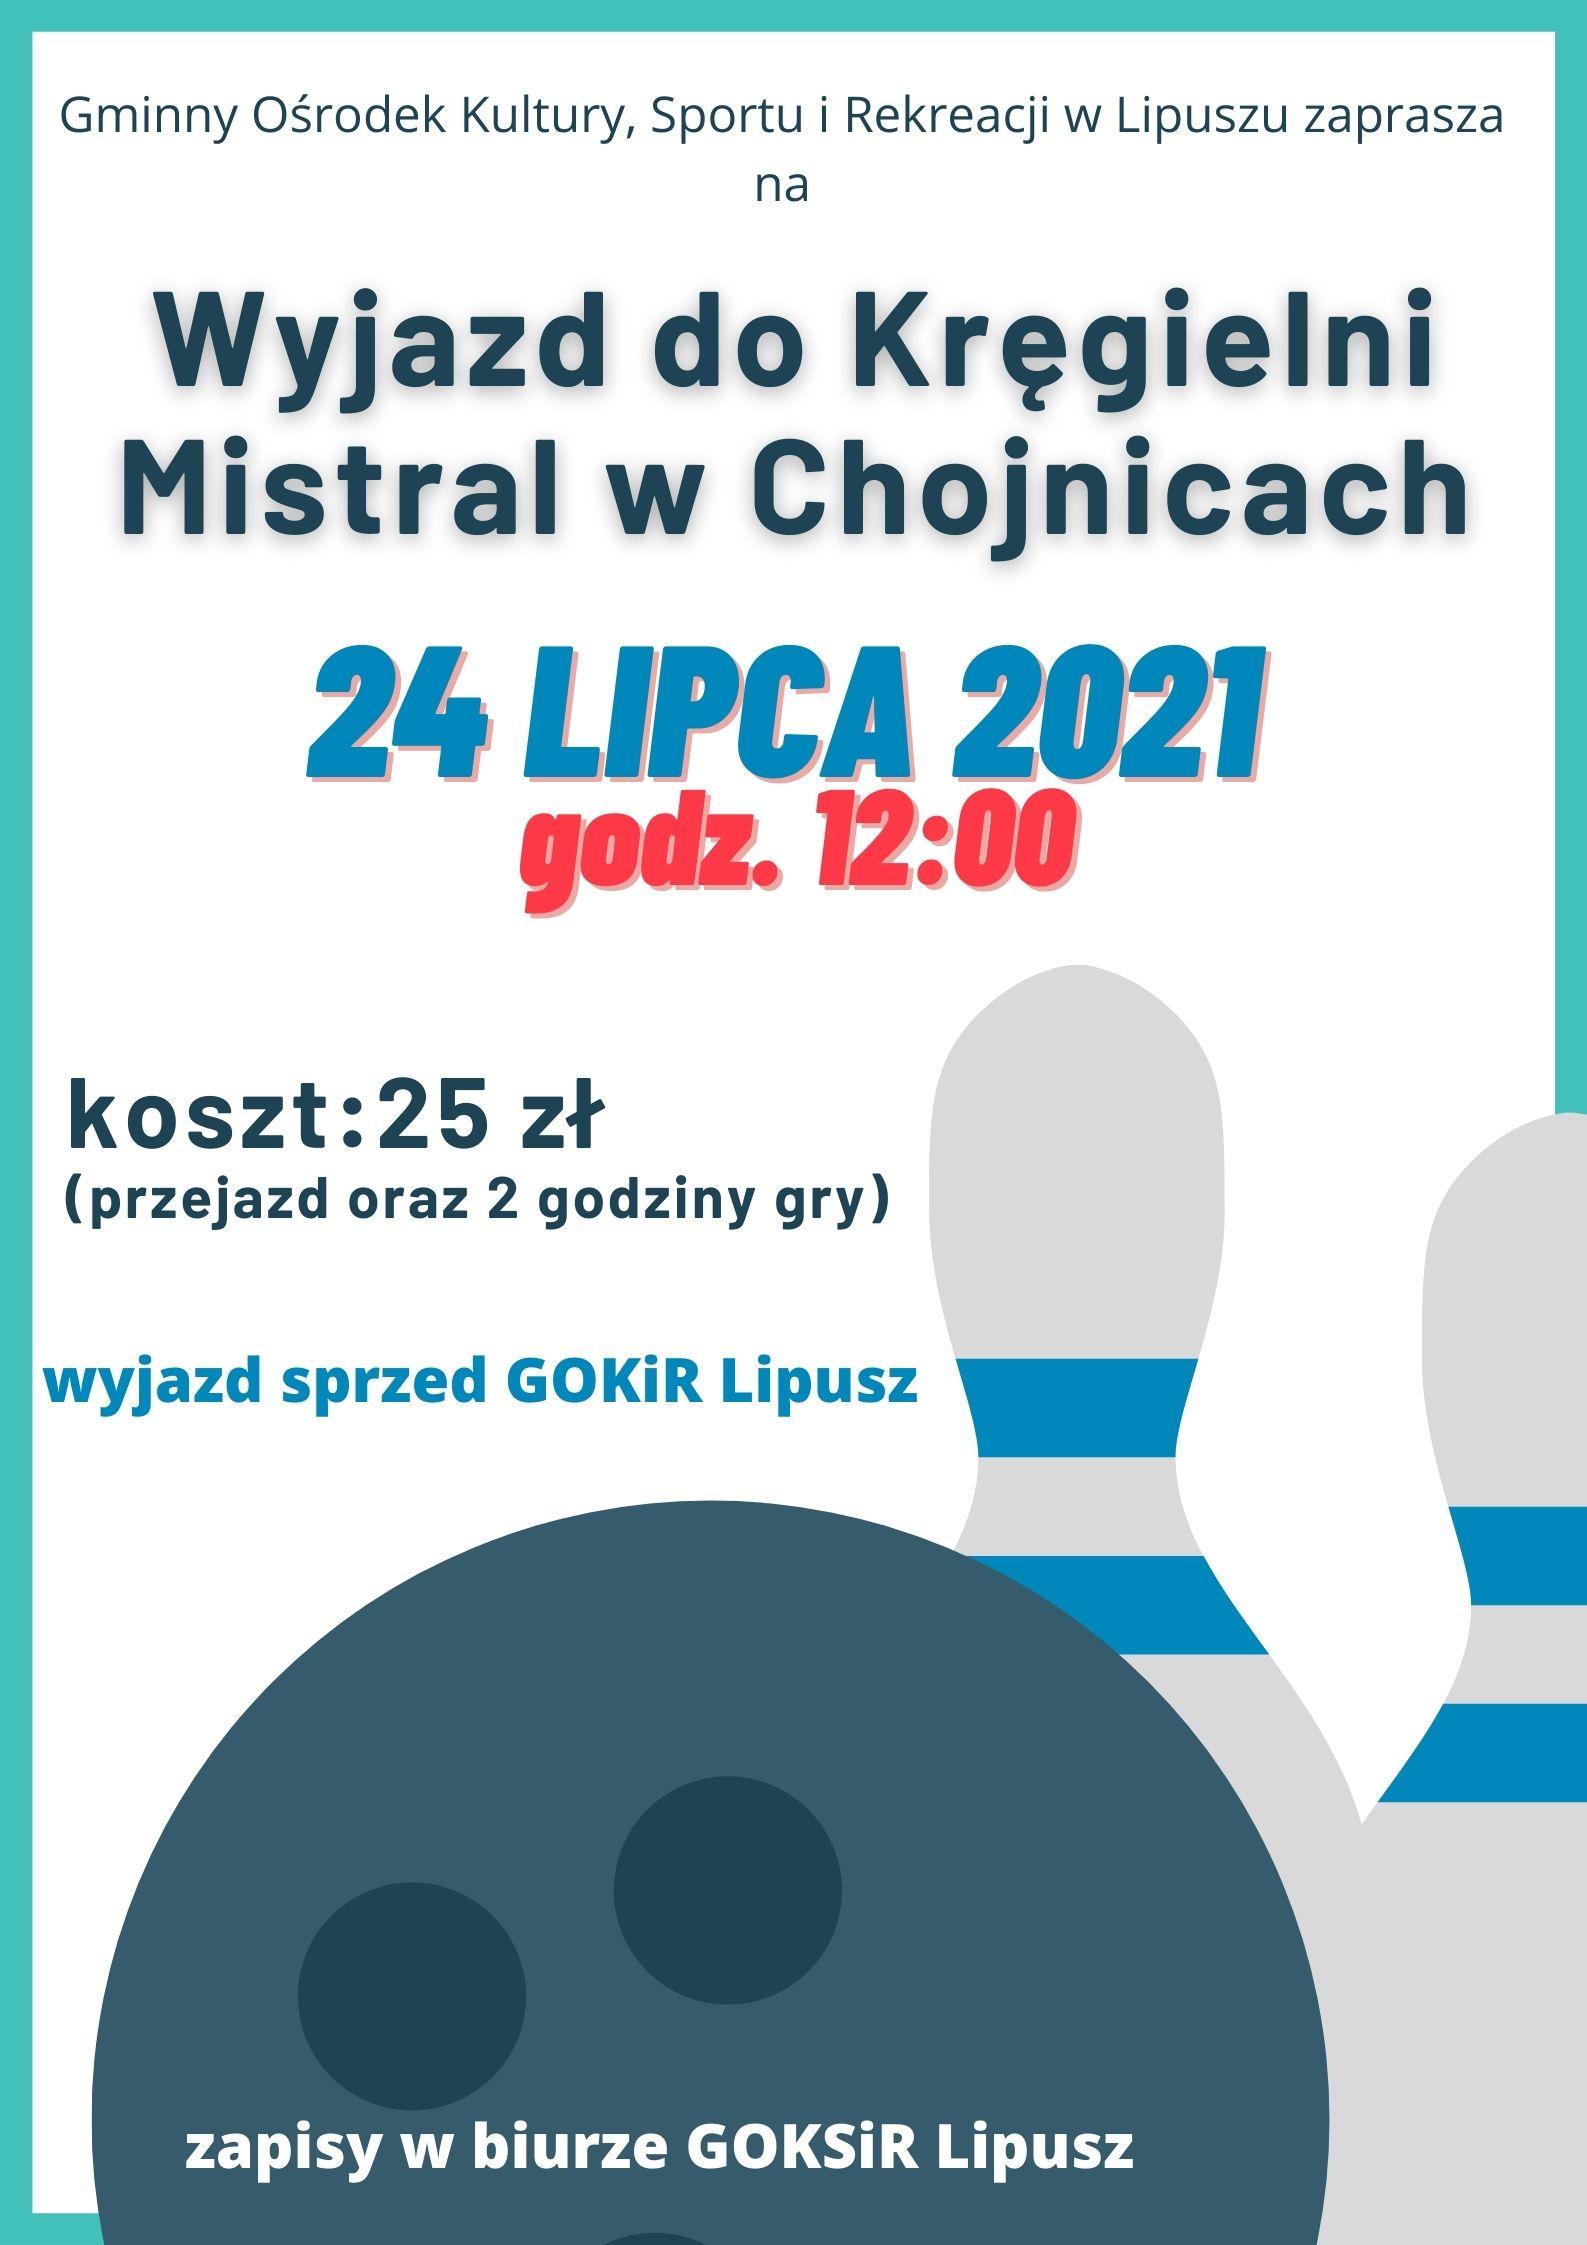 Wyjazd do kręgielni Mistral w Chojnicach 24 lipca 2021 godz.12:00 koszt 25 zł